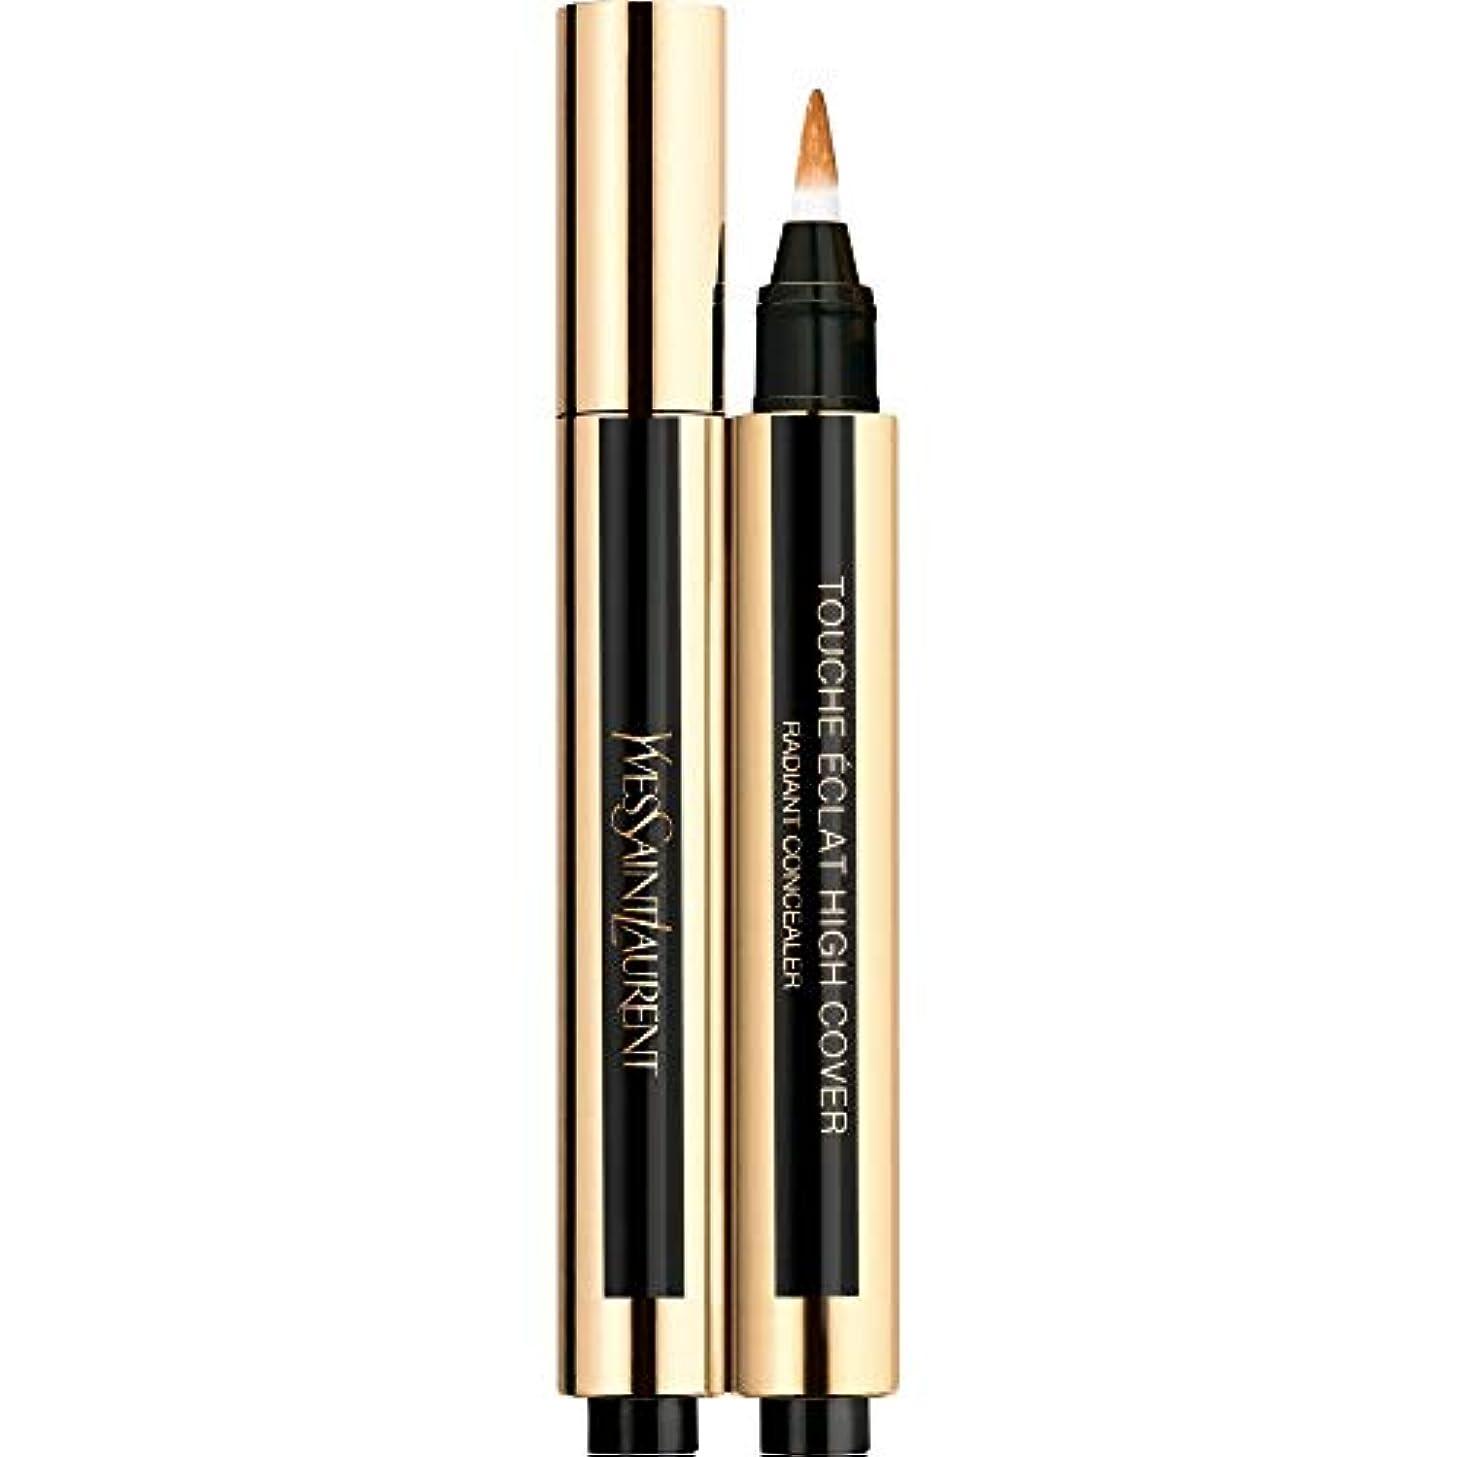 一致仮称である[Yves Saint Laurent] イヴ?サンローランのトウシュエクラ高いカバー放射コンシーラーペン6 2.5ミリリットル - モカ - Yves Saint Laurent Touche Eclat High Cover Radiant Concealer Pen 2.5ml 6 - Mocha [並行輸入品]